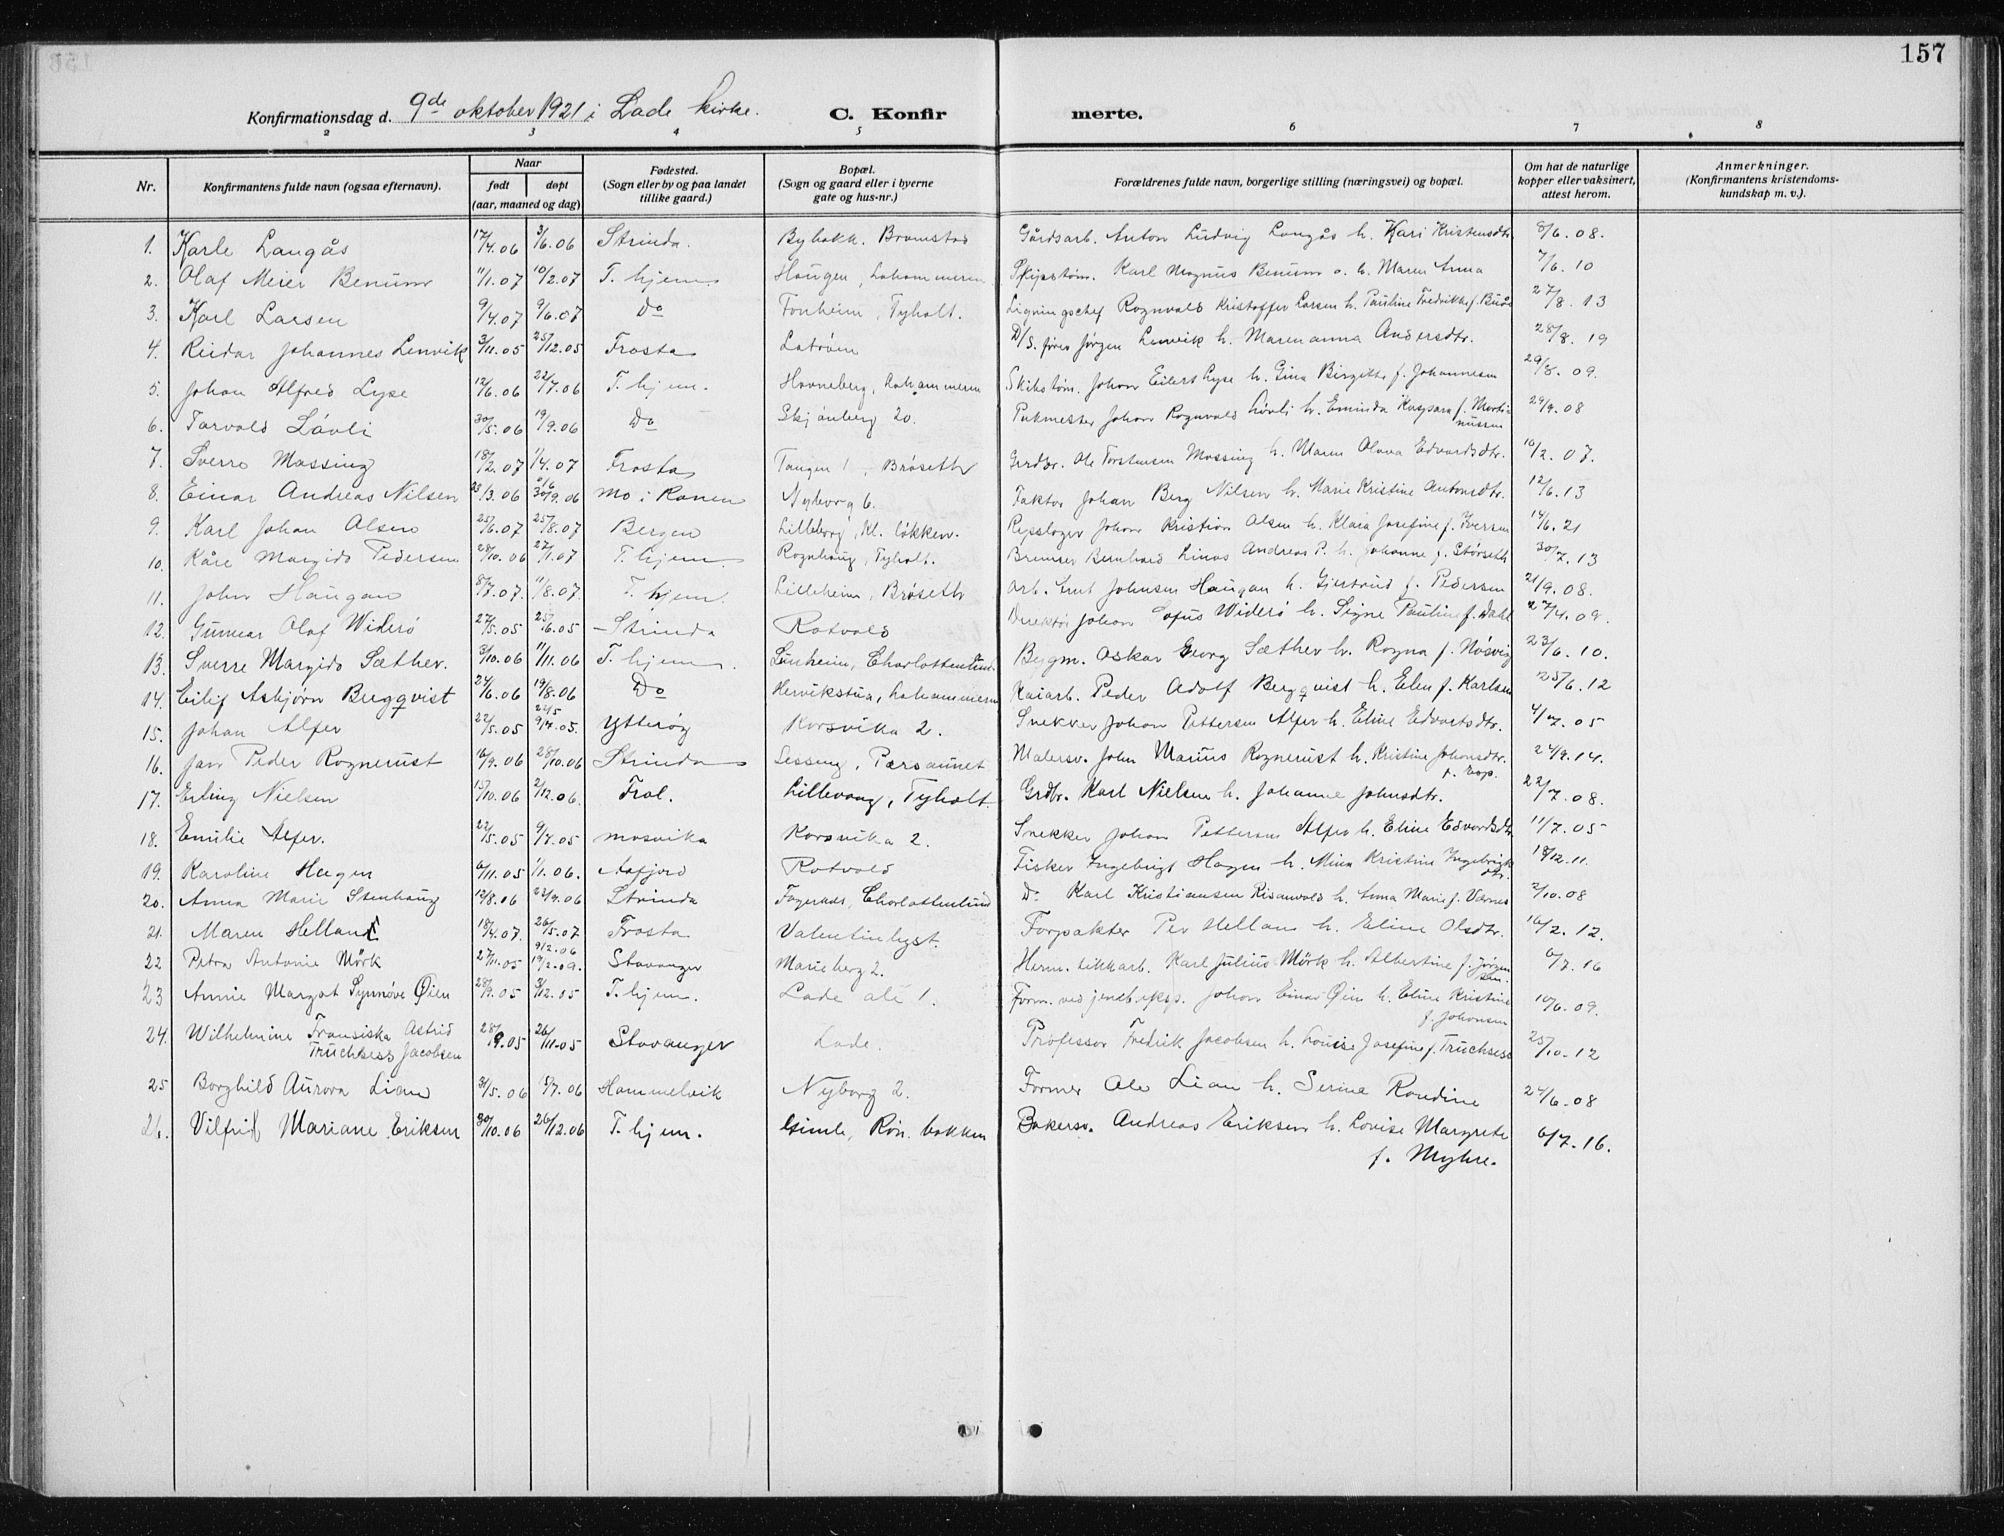 SAT, Ministerialprotokoller, klokkerbøker og fødselsregistre - Sør-Trøndelag, 606/L0314: Klokkerbok nr. 606C10, 1911-1937, s. 157